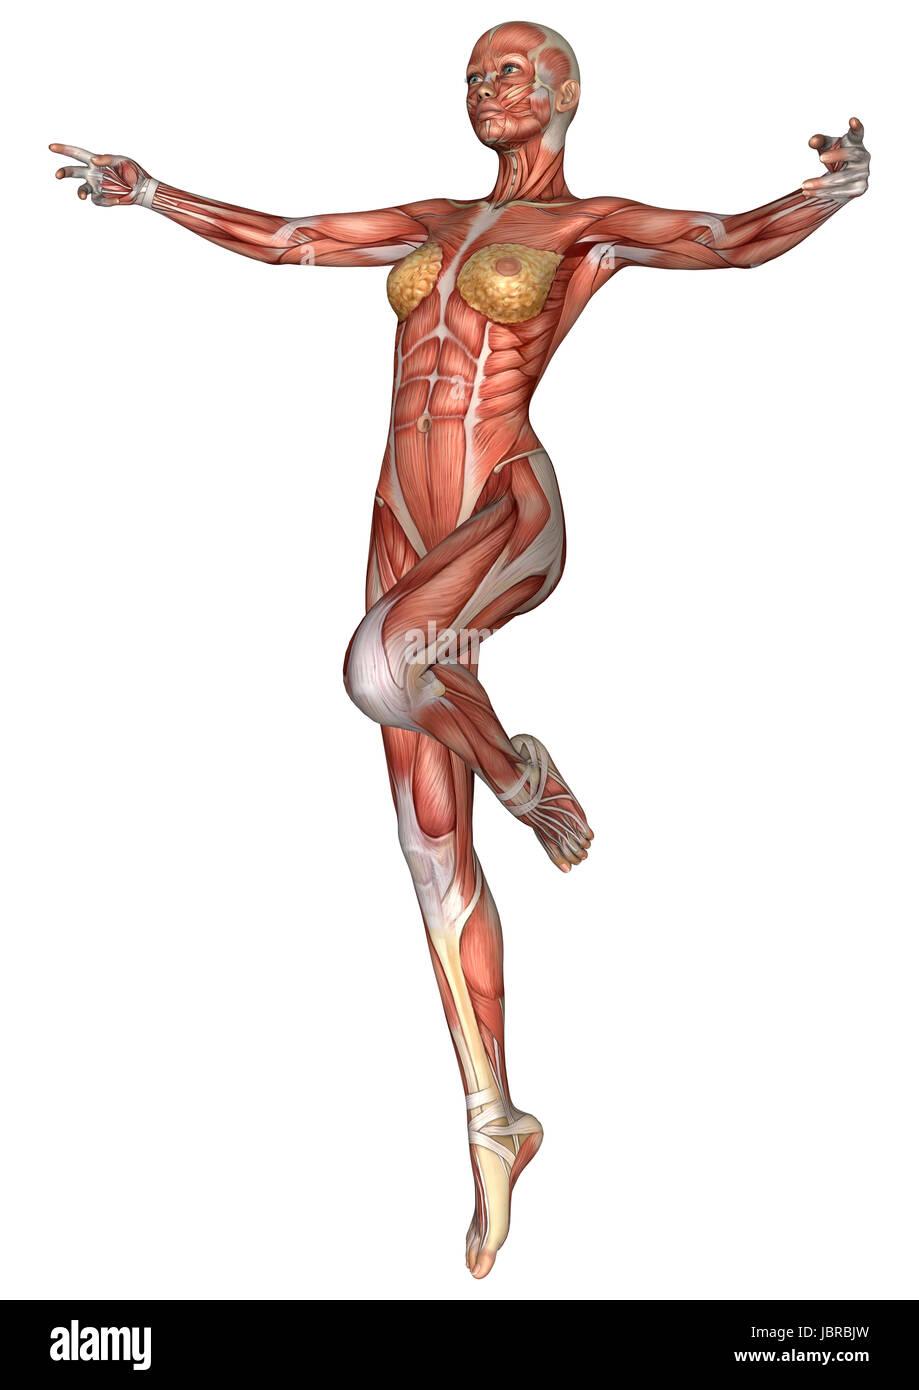 Fantastisch Weibliche Anatomie Bilder Genital Bilder - Anatomie ...